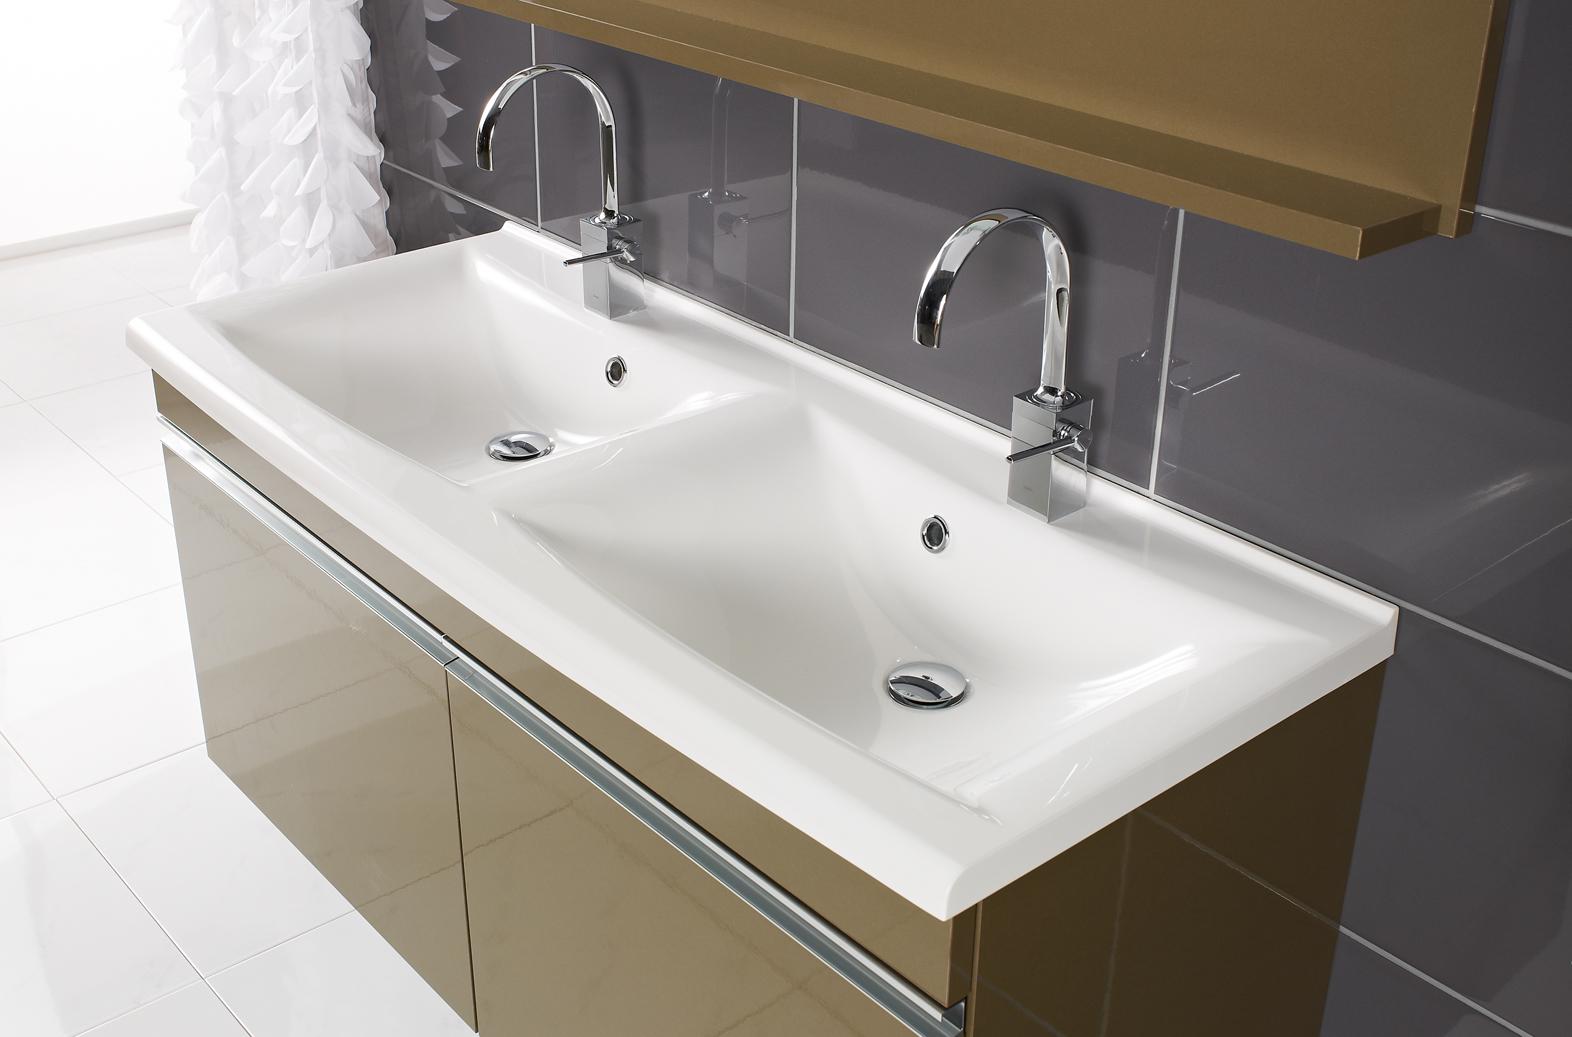 Accessoire Salle De Bain Terre Cuite ~ meubles tendances duc carrelages et bains